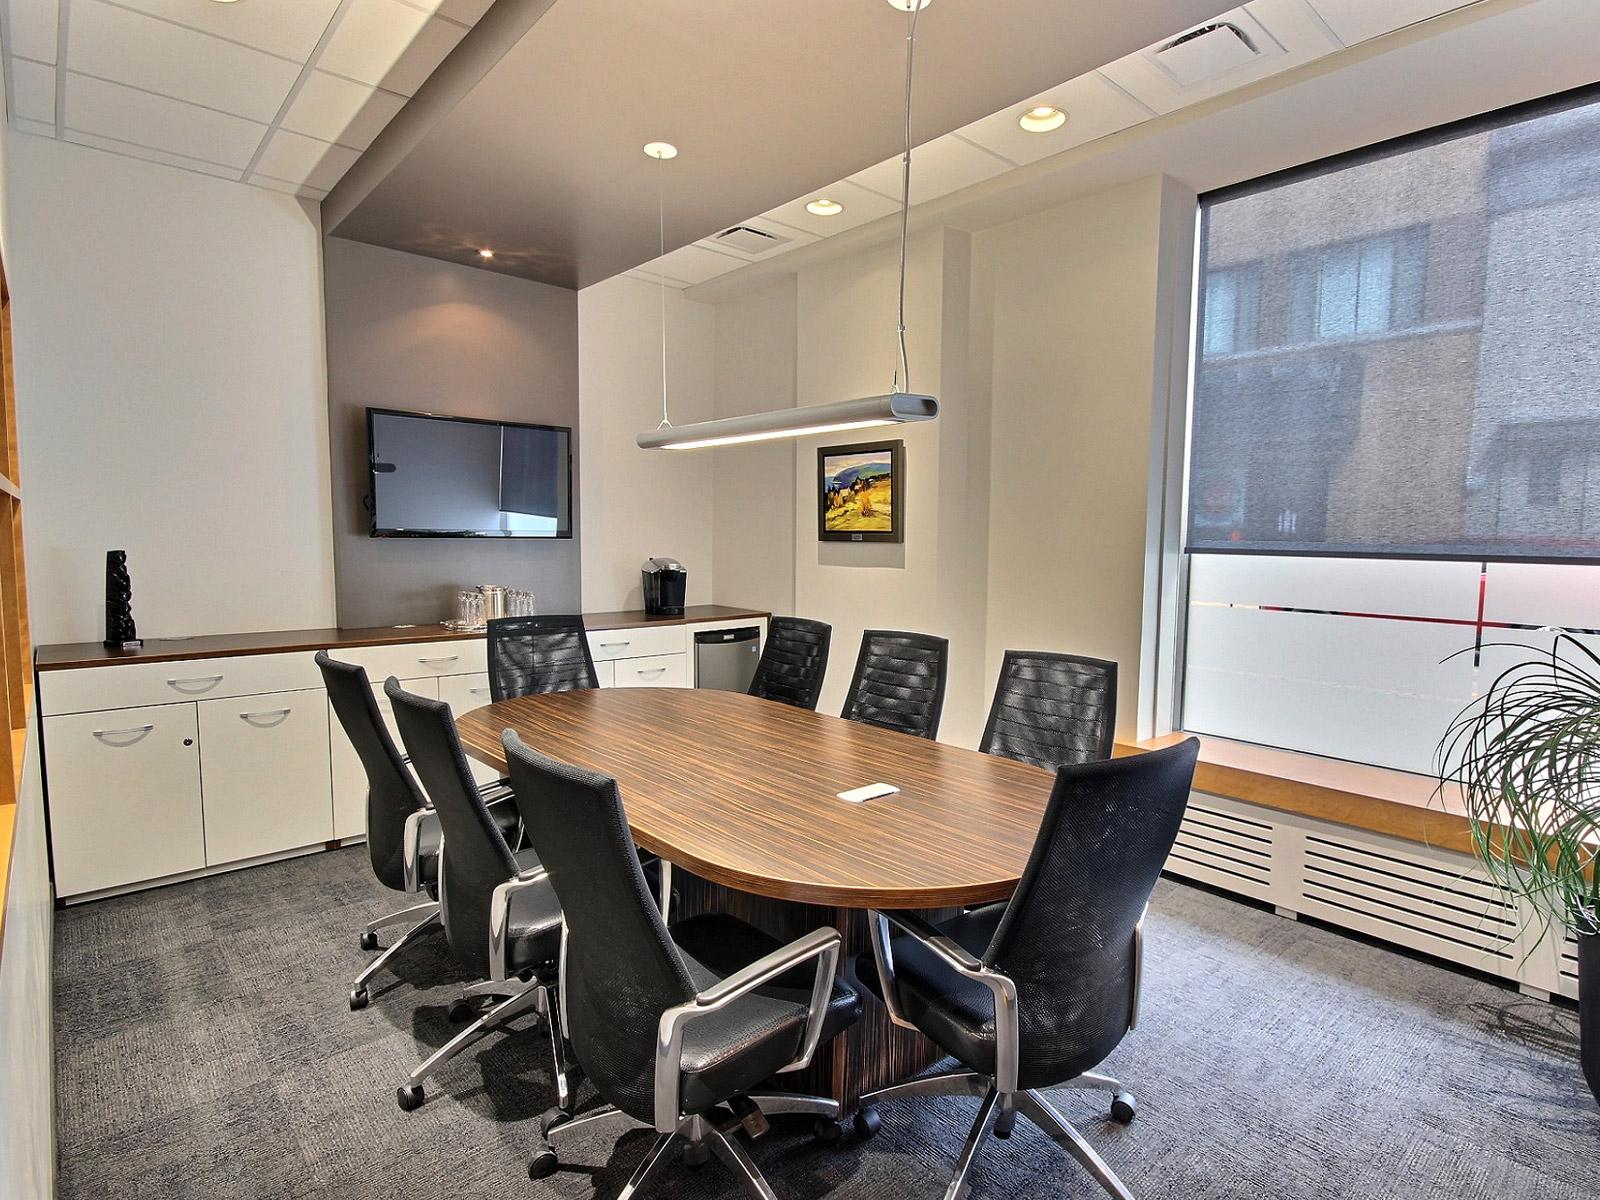 Design intérieur salle de réunion